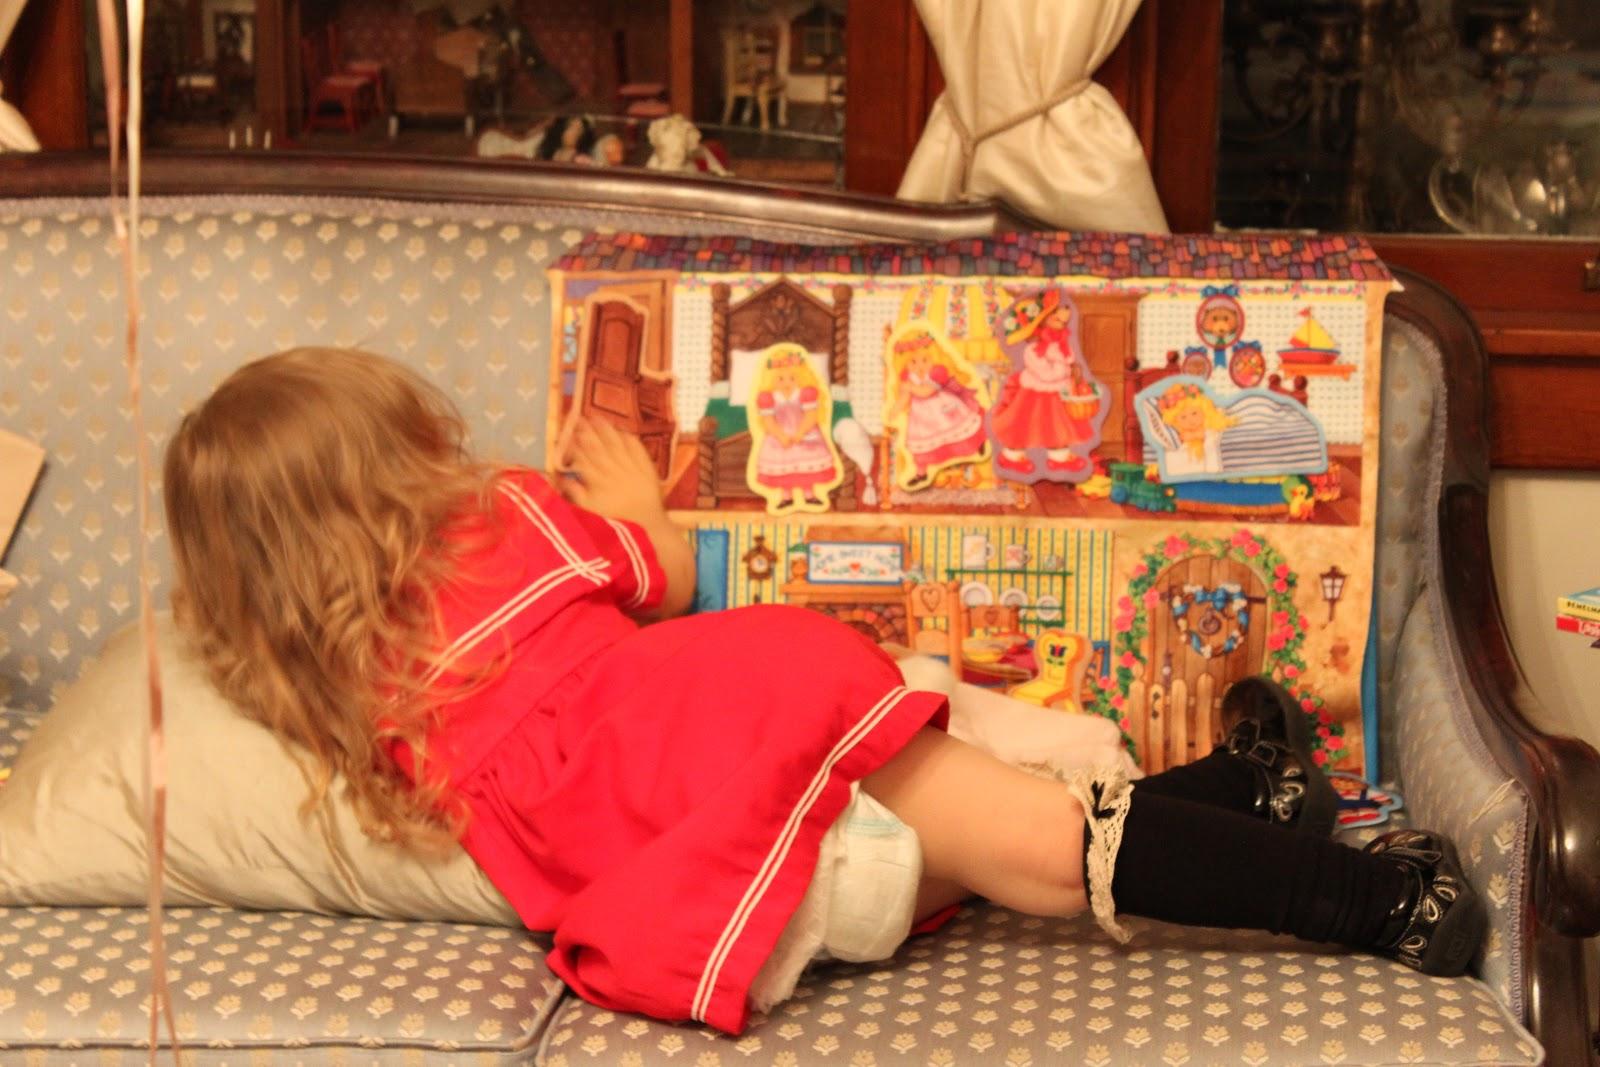 Little Girls in Knee Socks